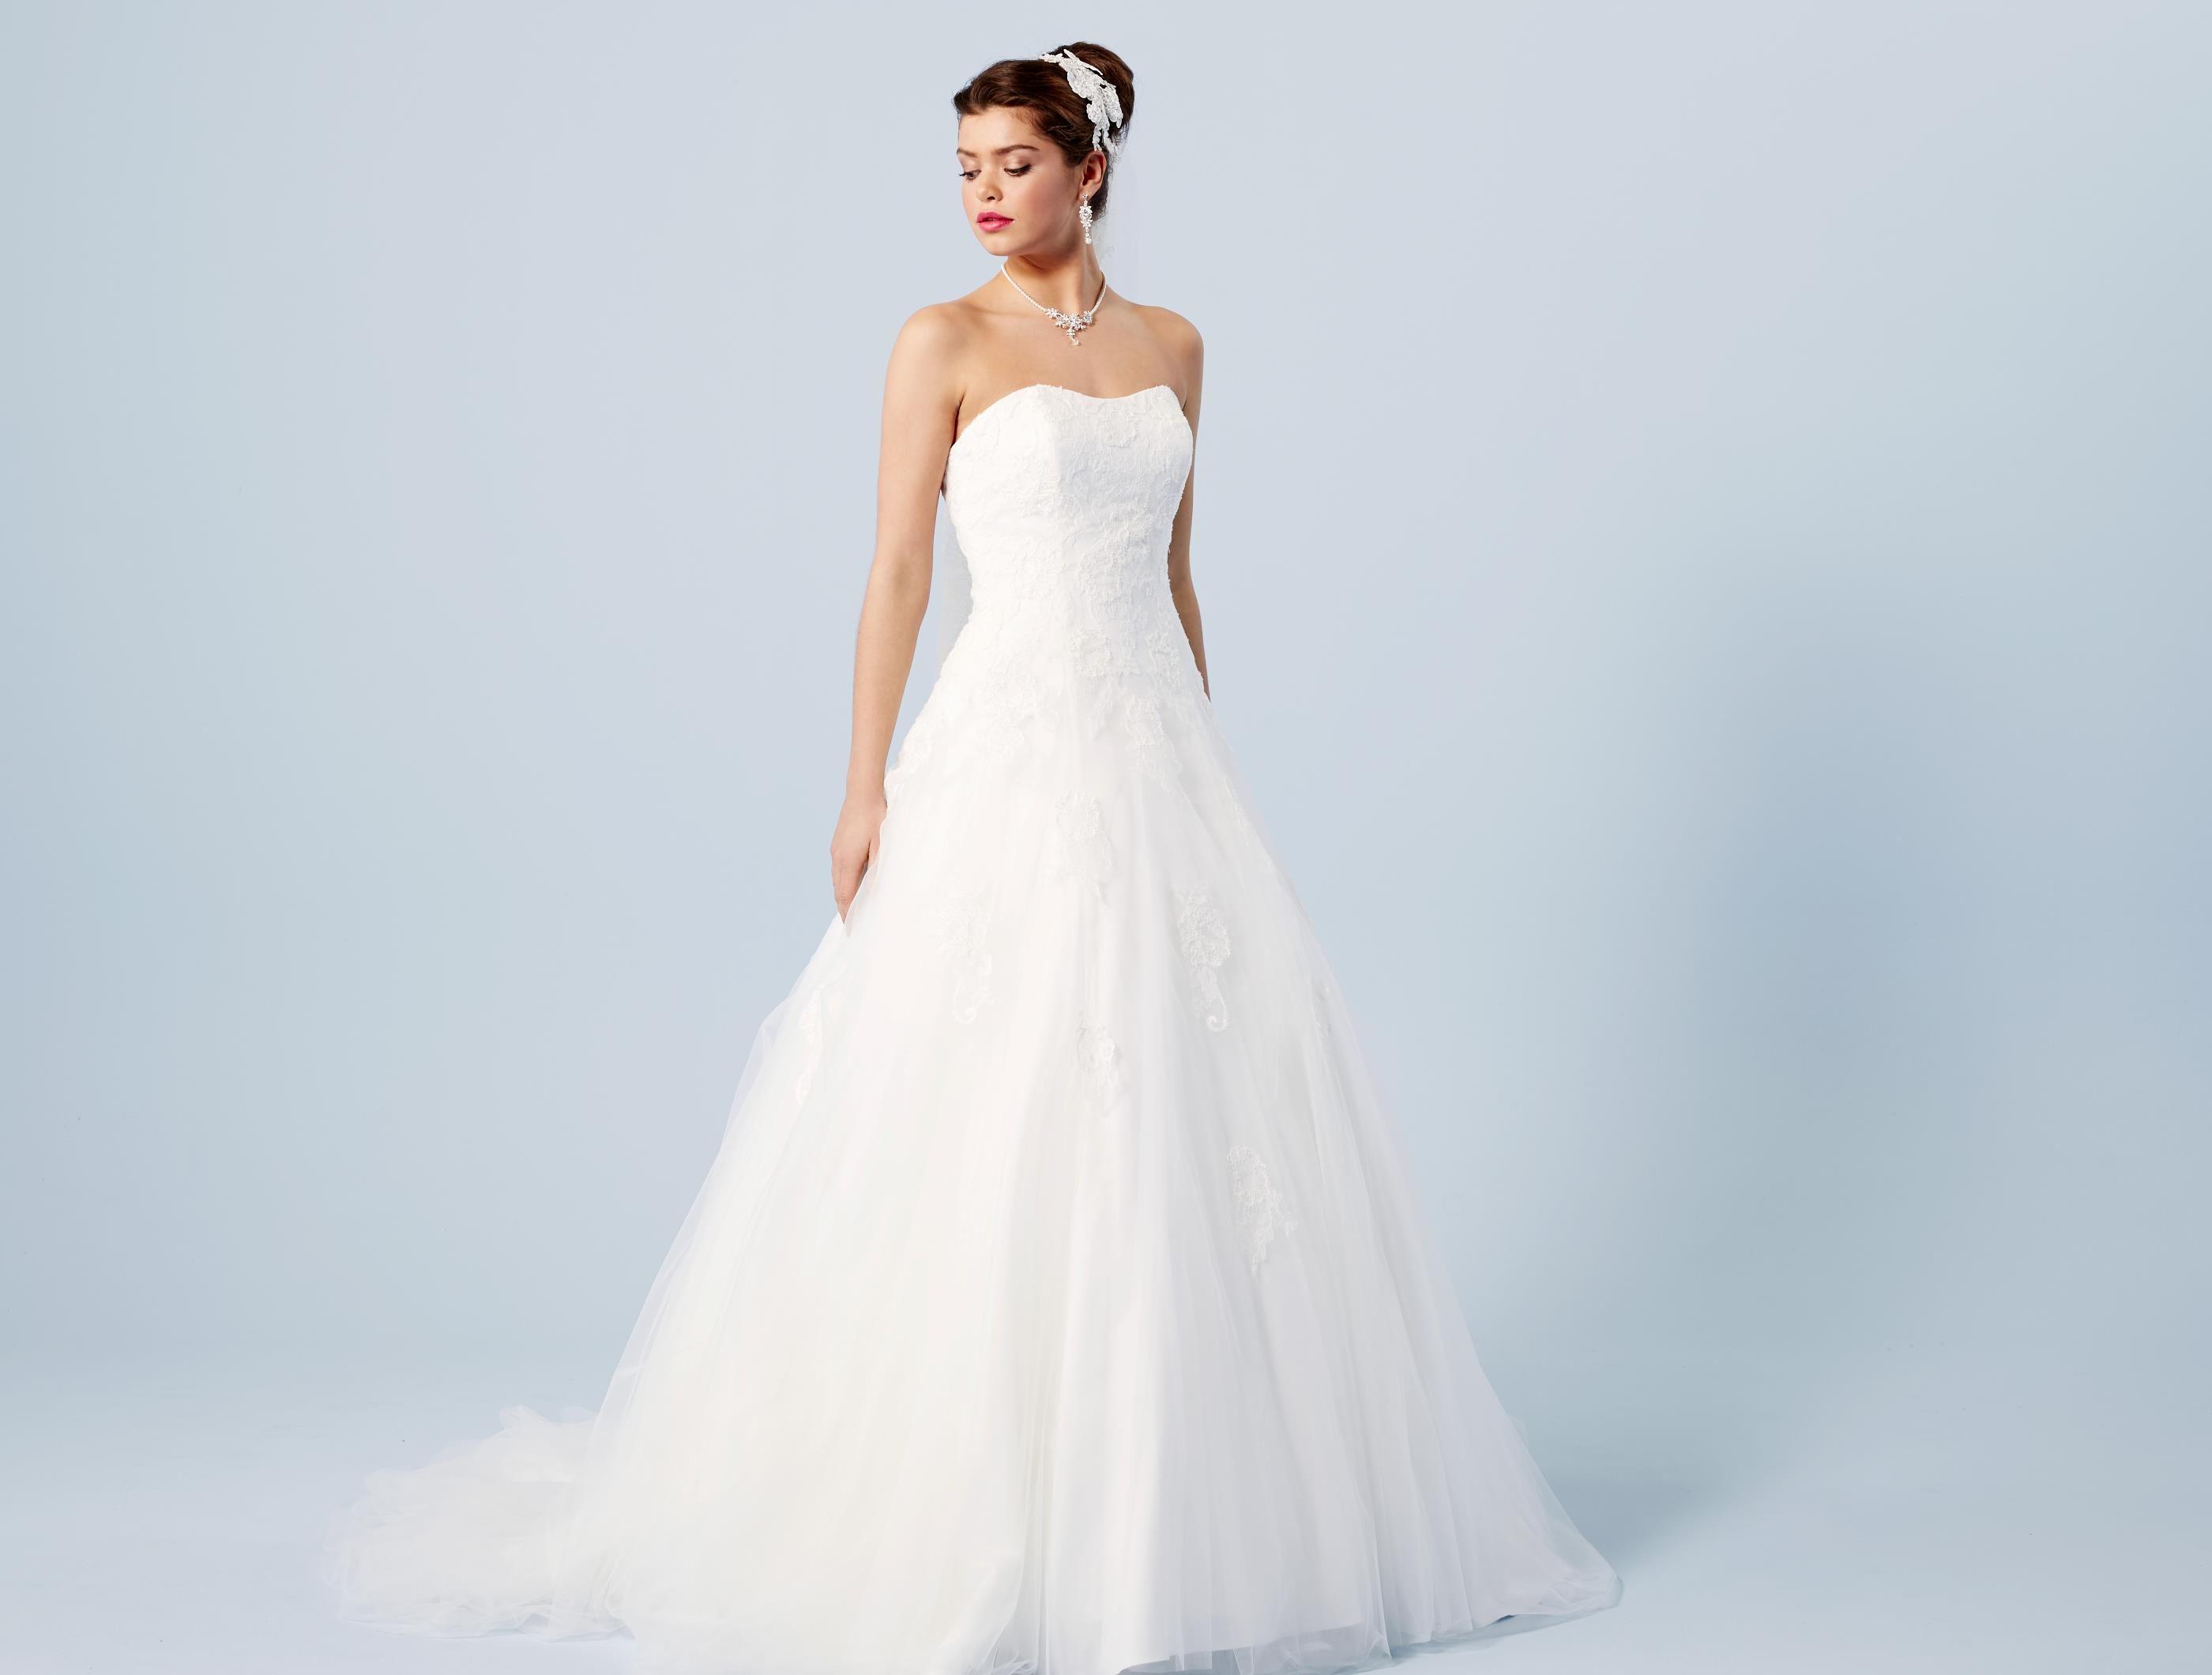 d013cec09291 Brudklänning | Wedding Dresses | Wedding dresses, Dresses och ...